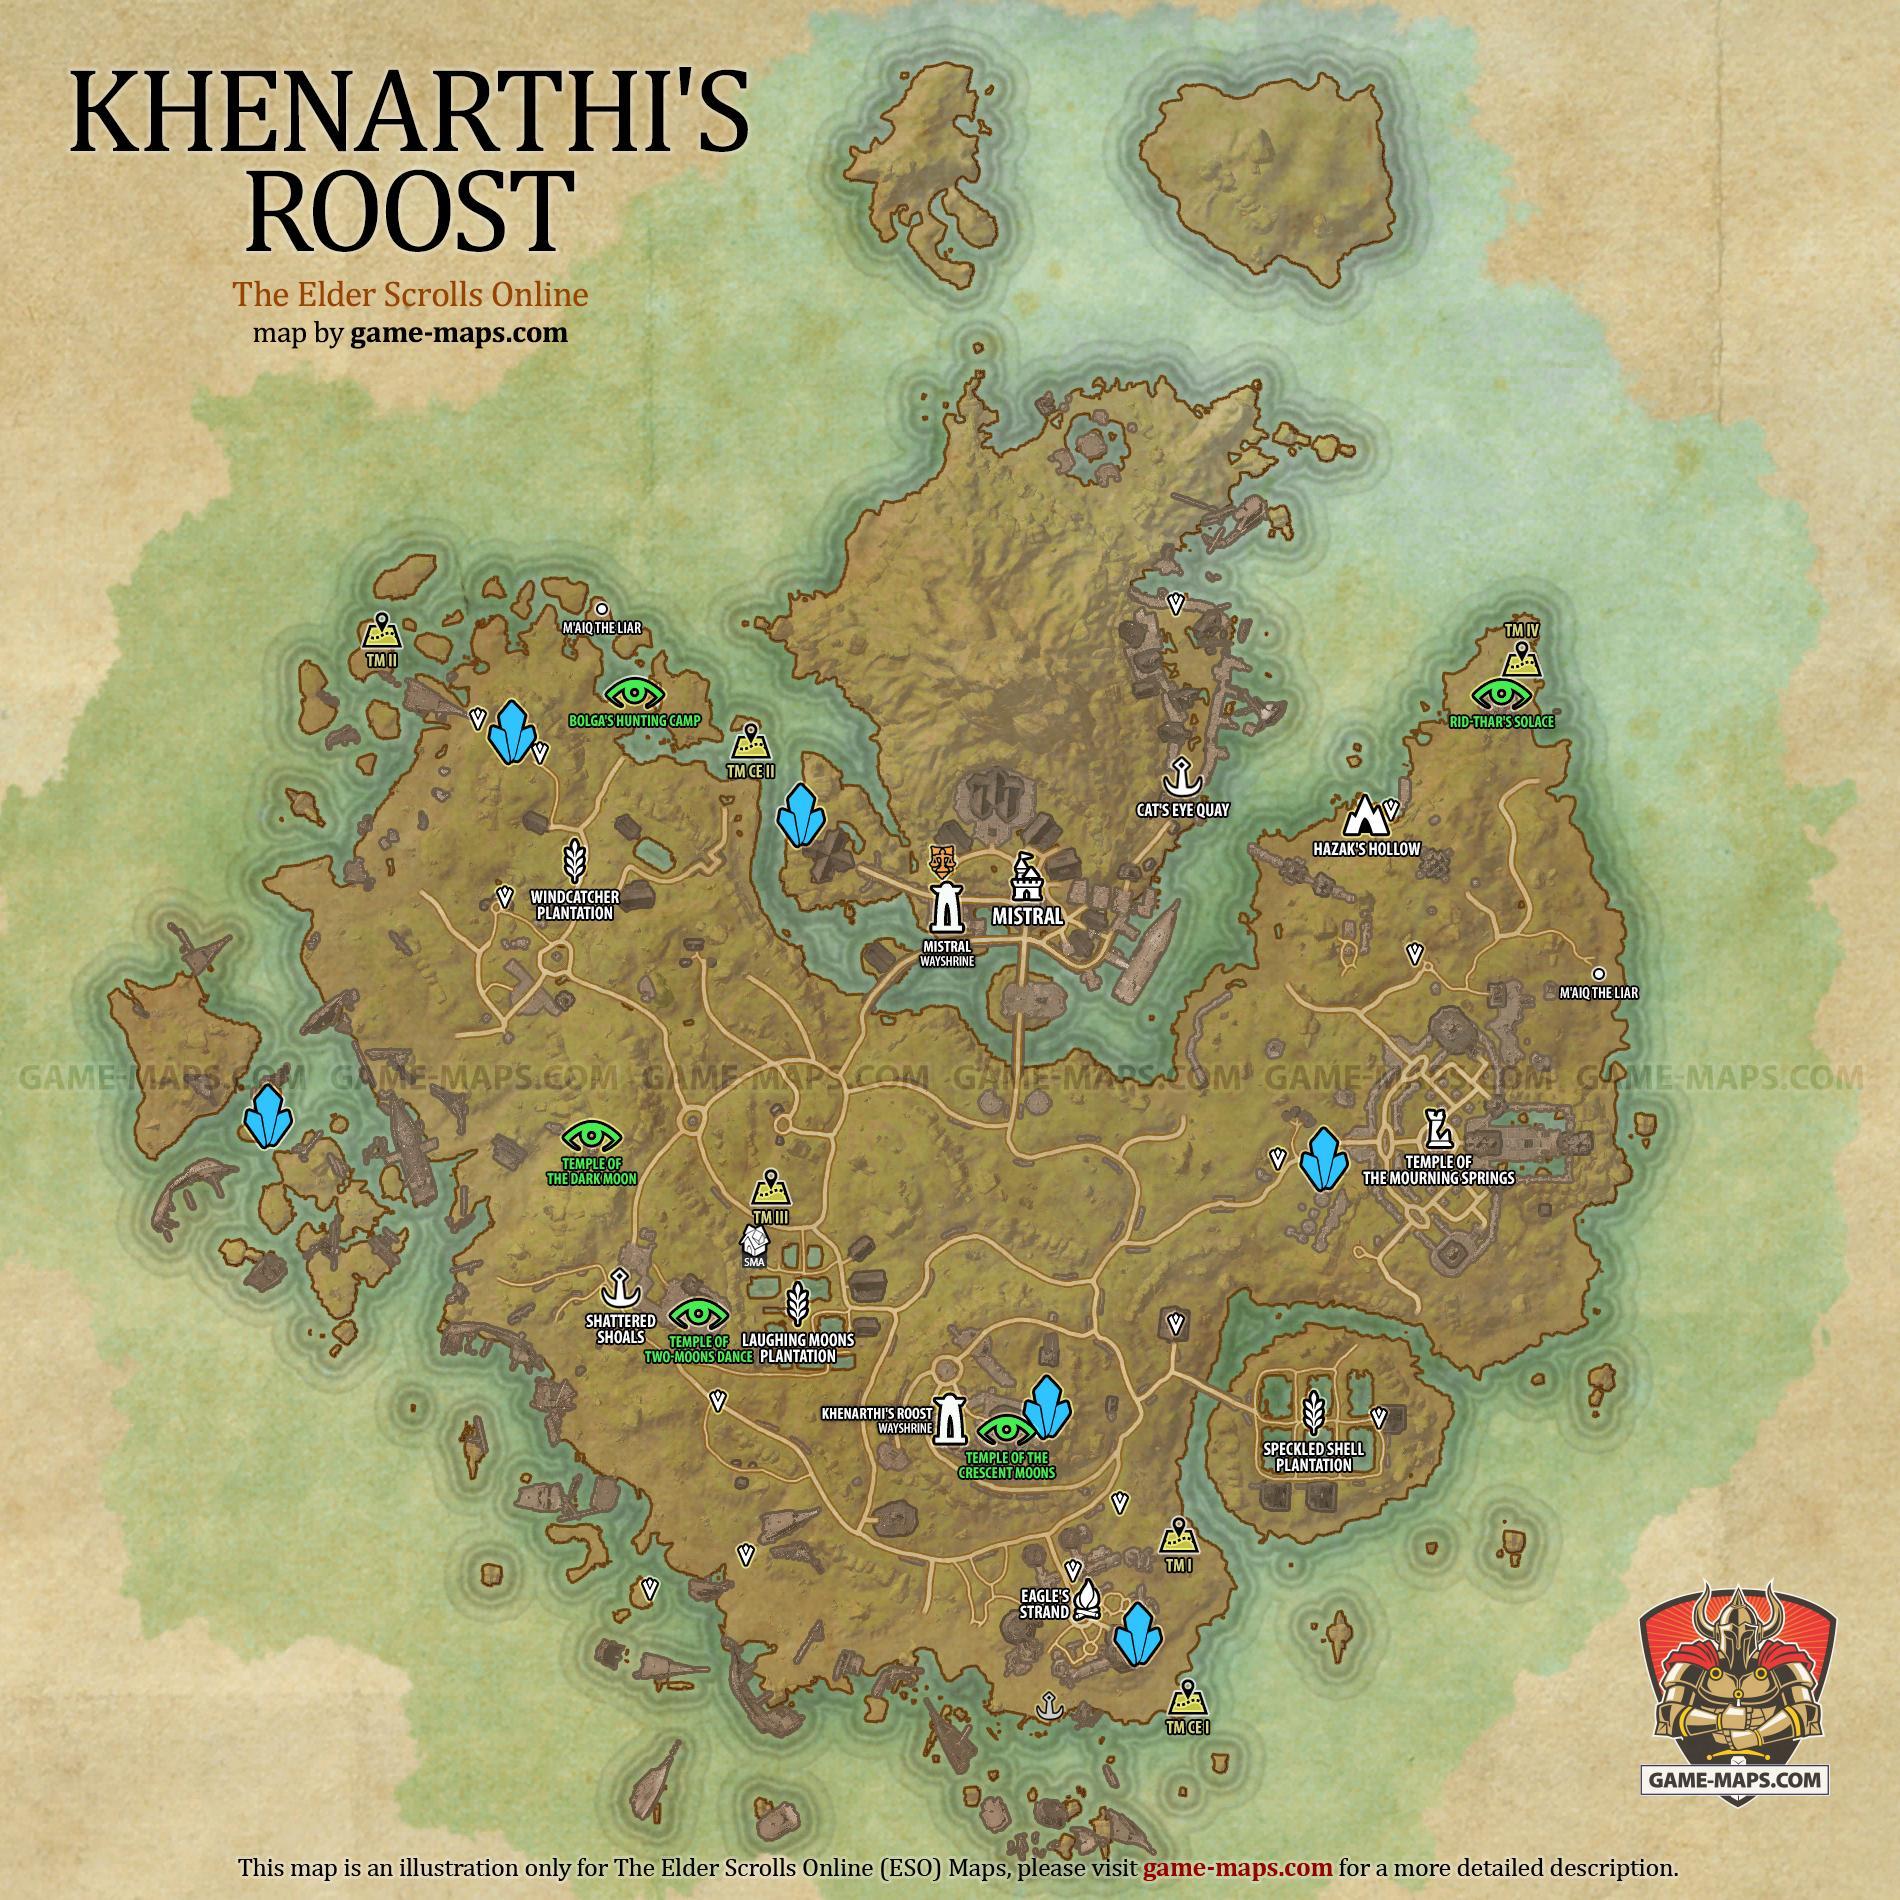 Khenarthis Roost Map  The Elder Scrolls Online  gamemapscom